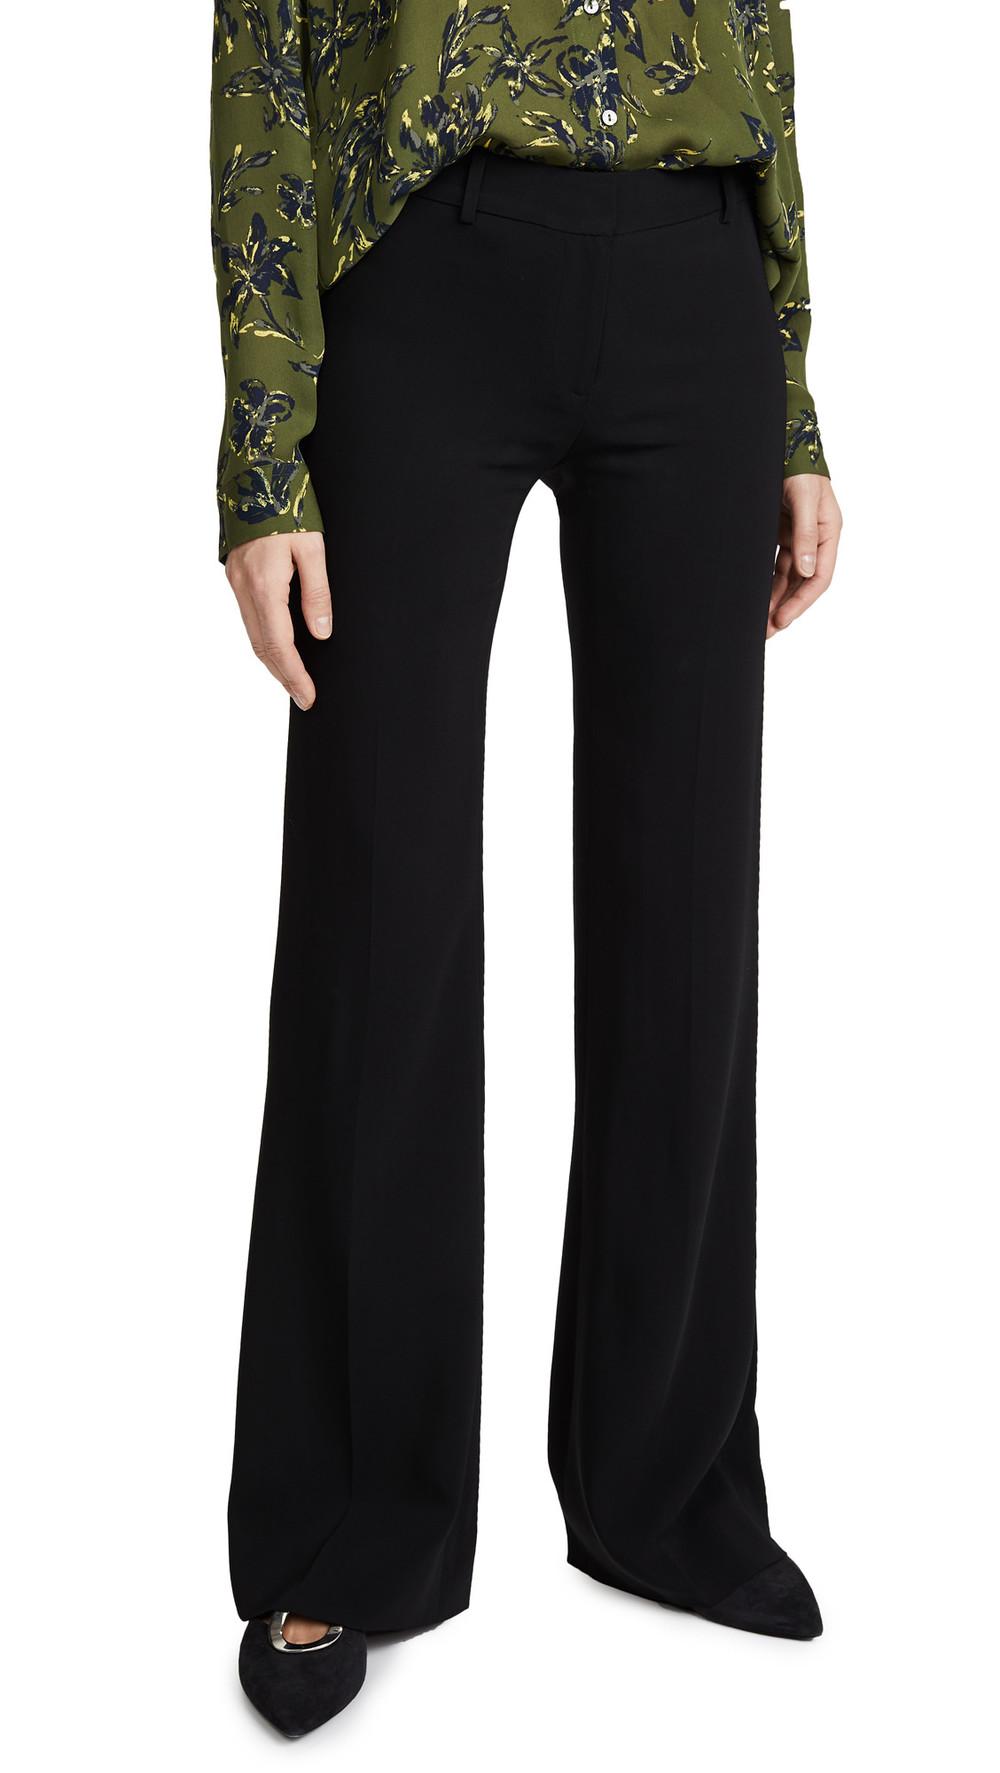 Kobi Halperin Melina Pants in black